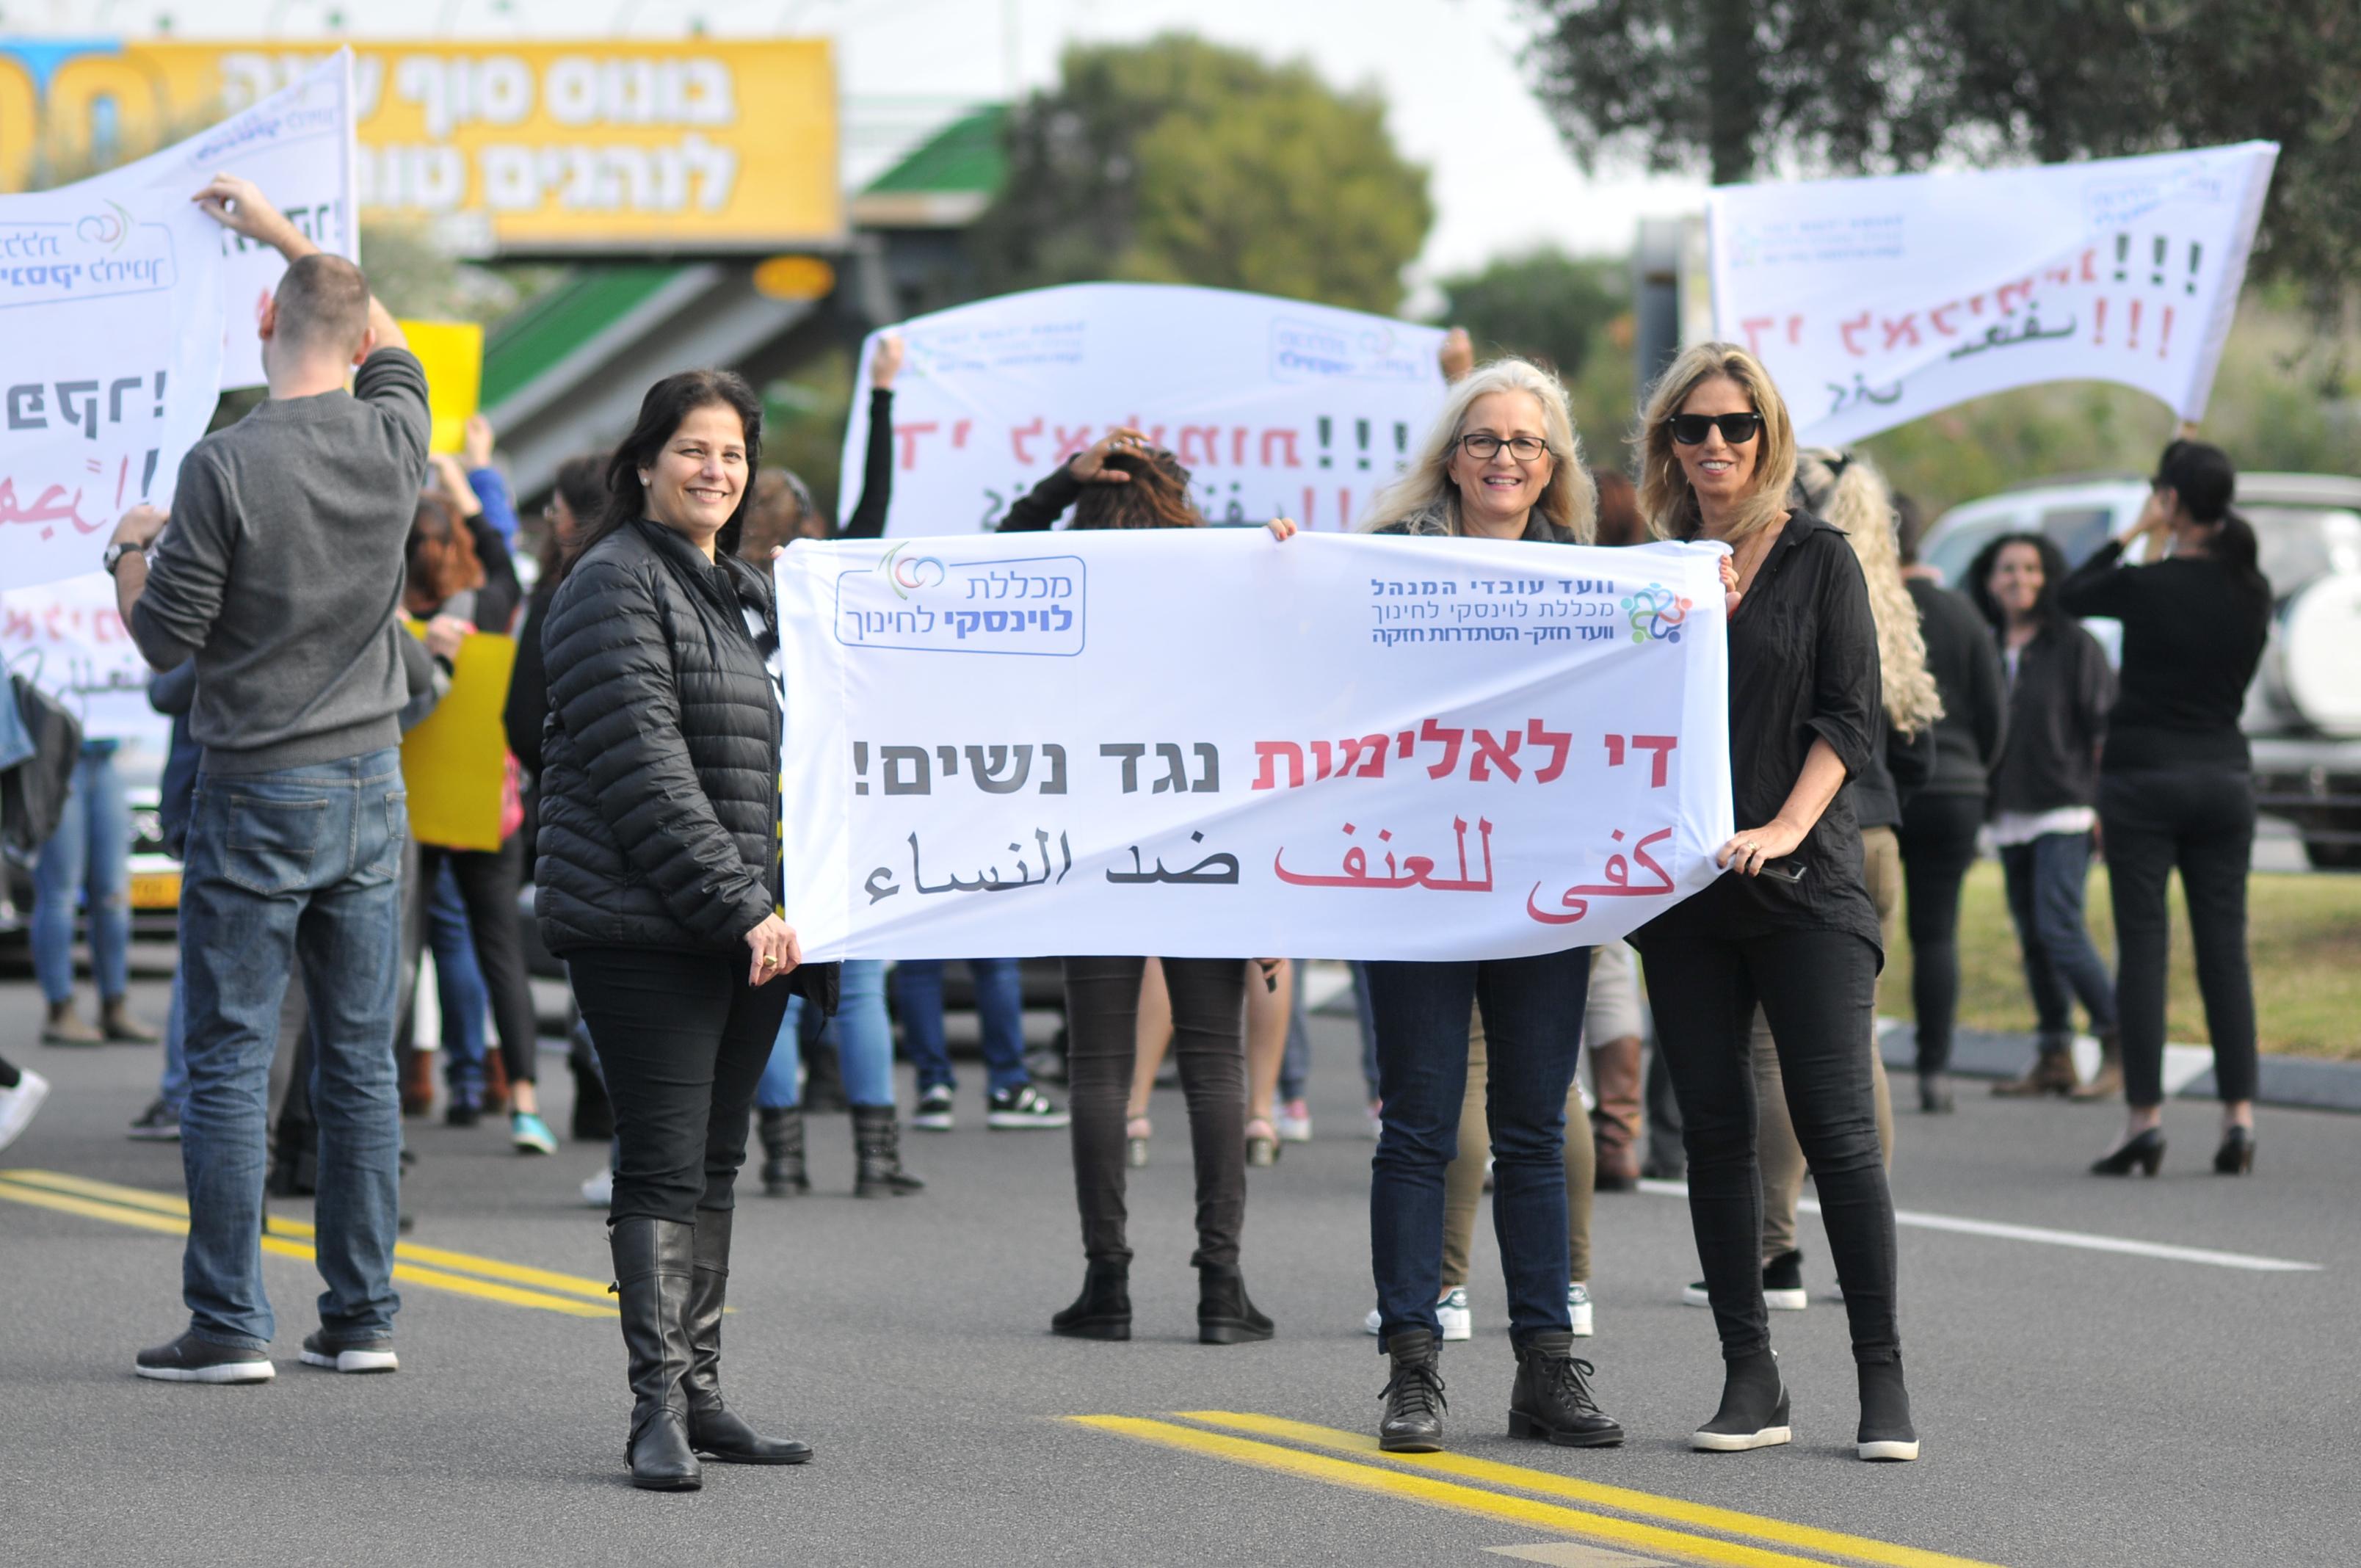 מחאת הנשים, מכללת לוינסקי לחינוך